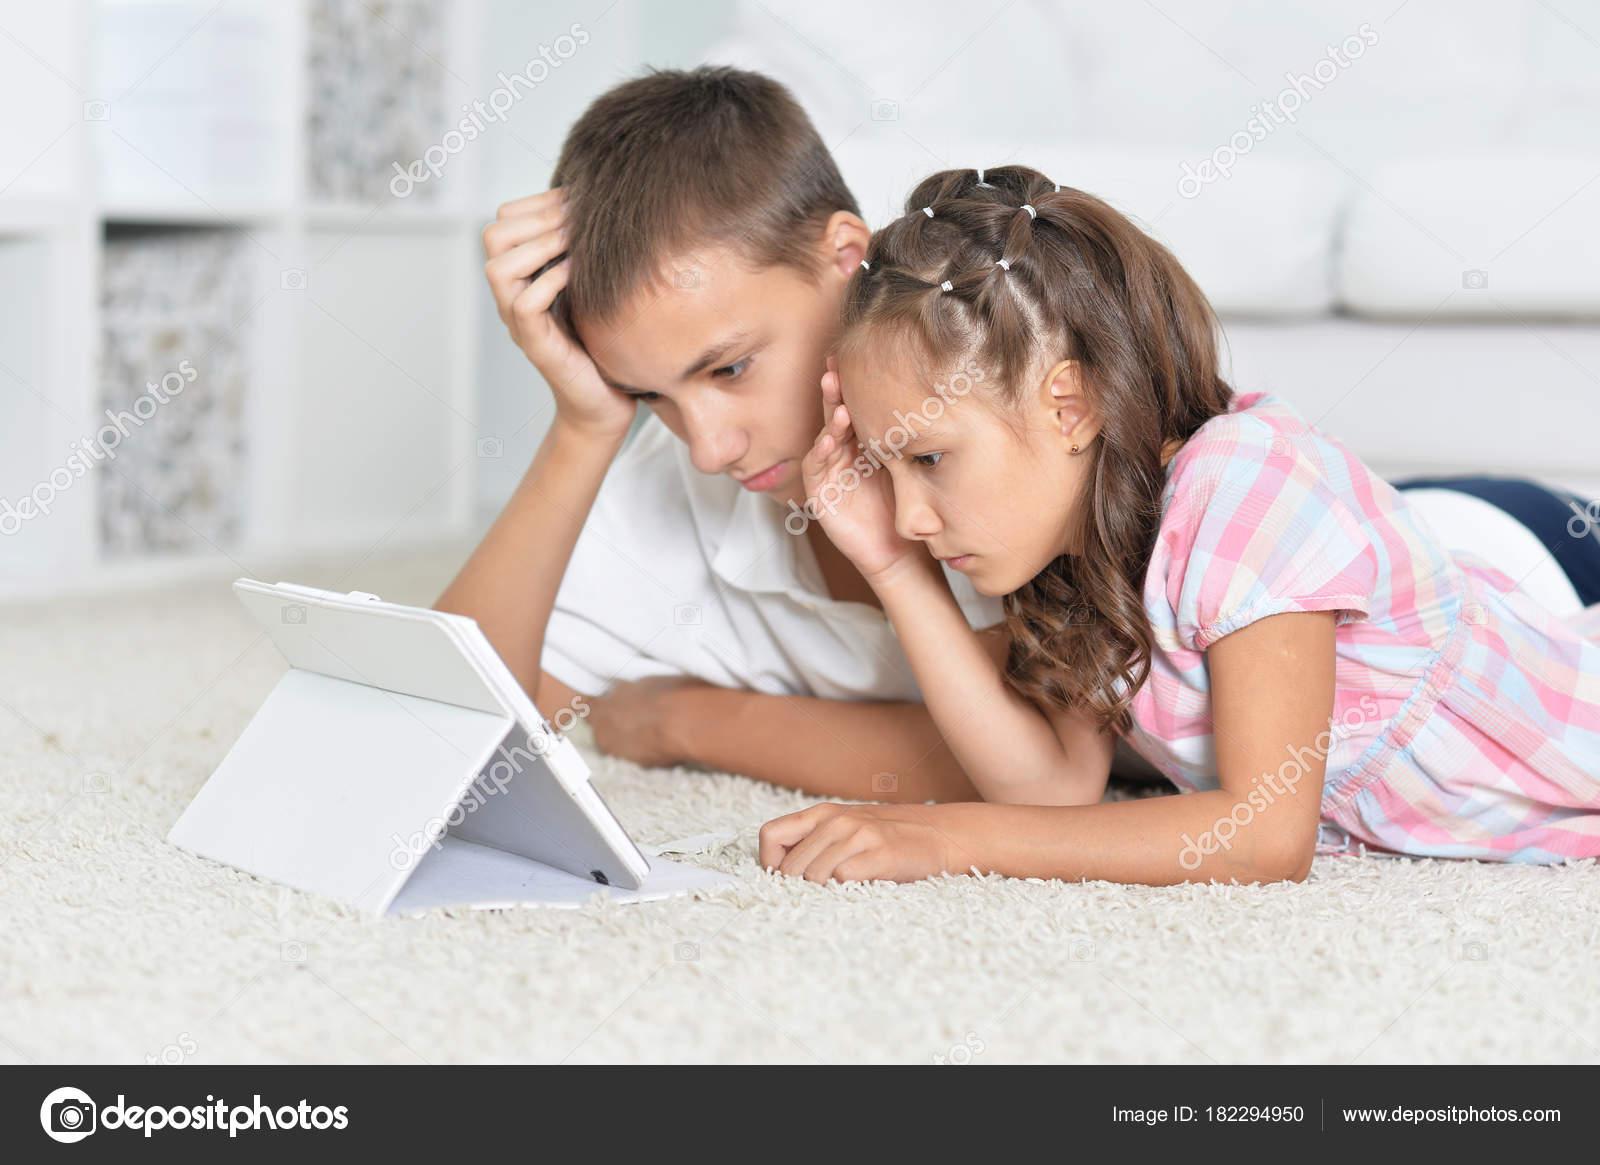 Смотреть порно учатся сексу брат с сестрой, У брата и сестры одна комната на двоих - видео ролик 15 фотография